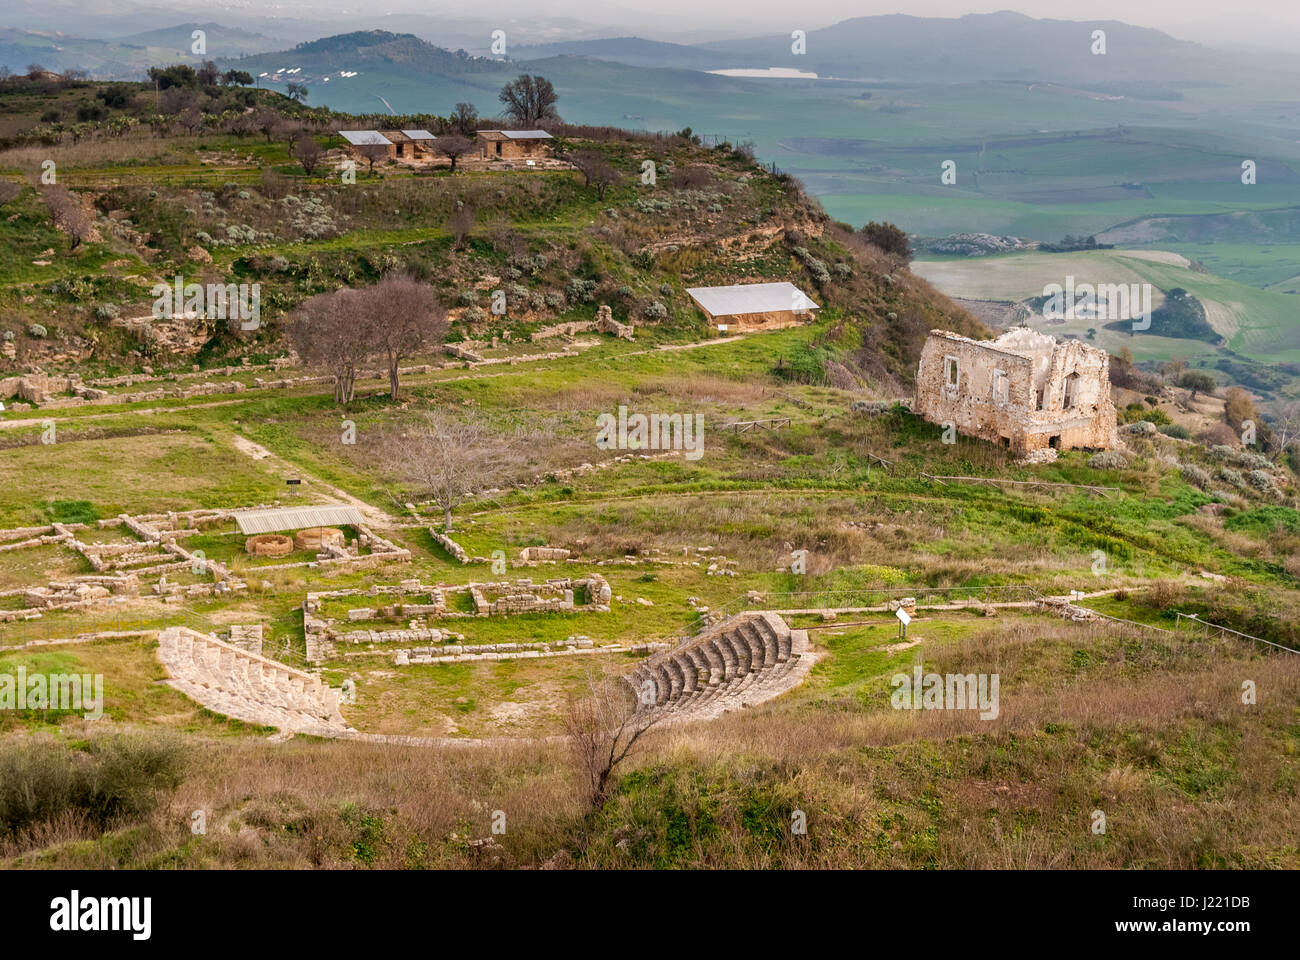 Vue panoramique de l'ancienne ville grecque de Morgantina, en Sicile Photo Stock